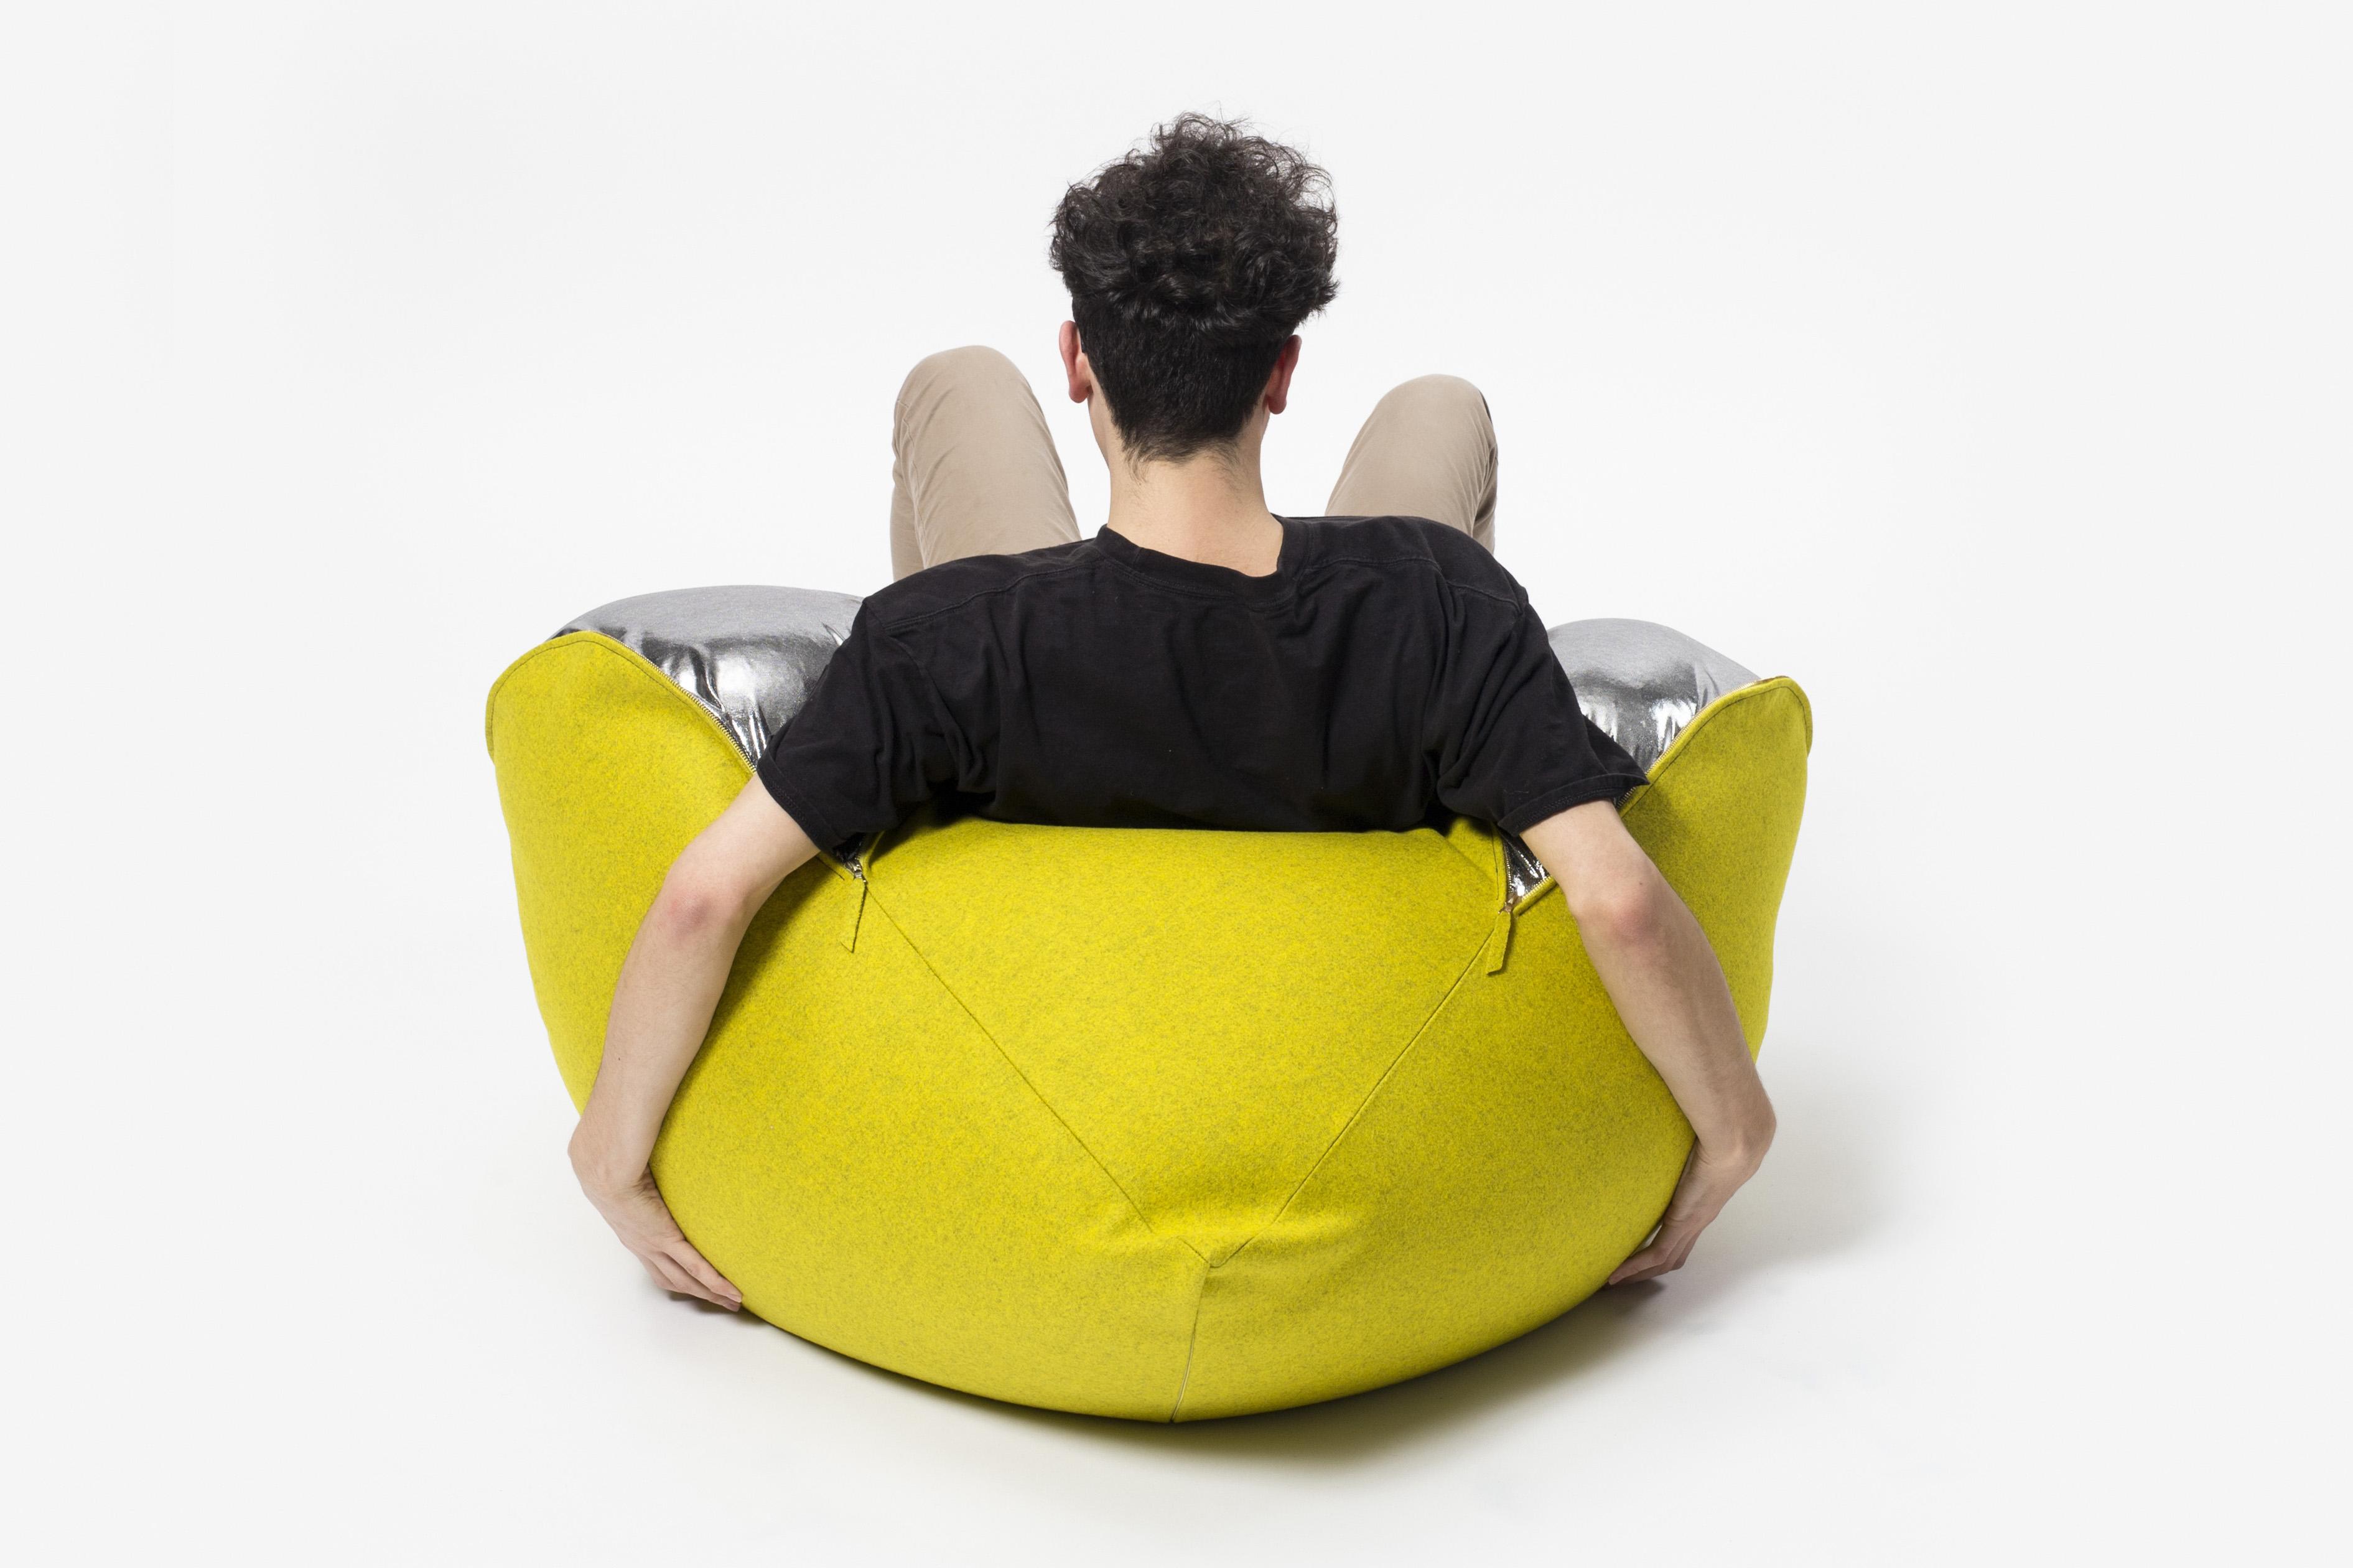 Butt s Bean Bag whatnot – SAIC Designed Objects